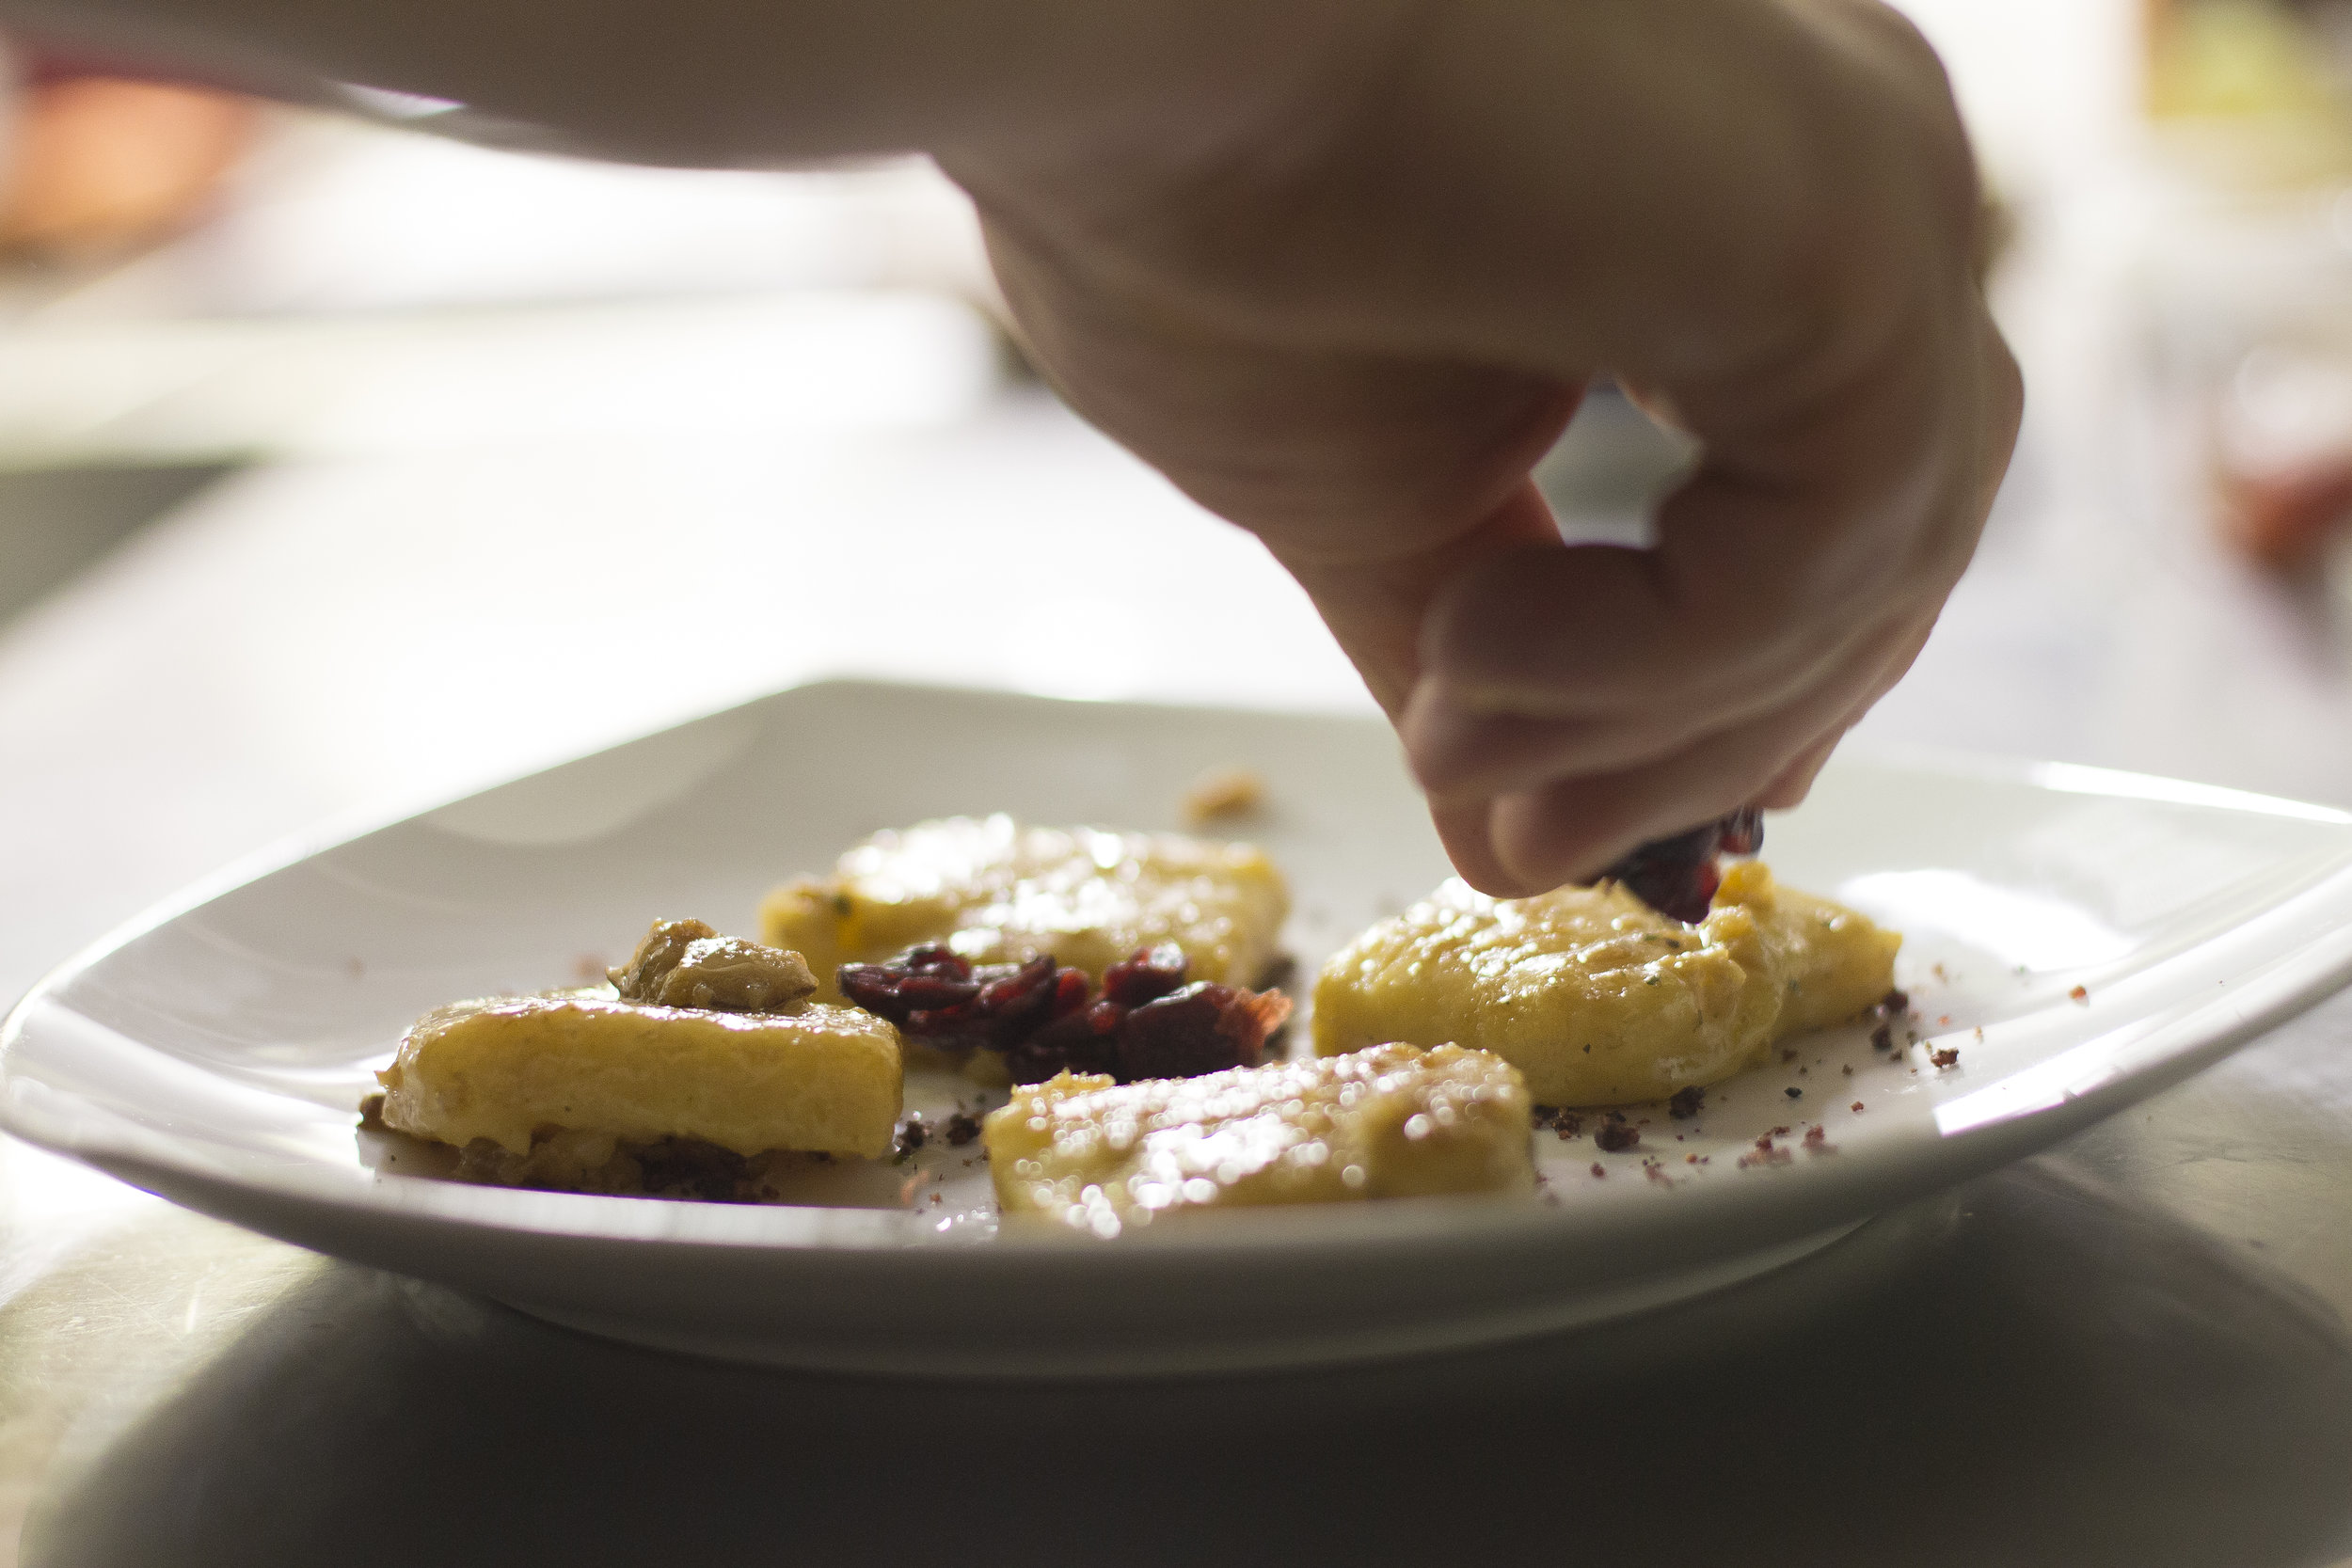 Ritratto chef mentre cucina